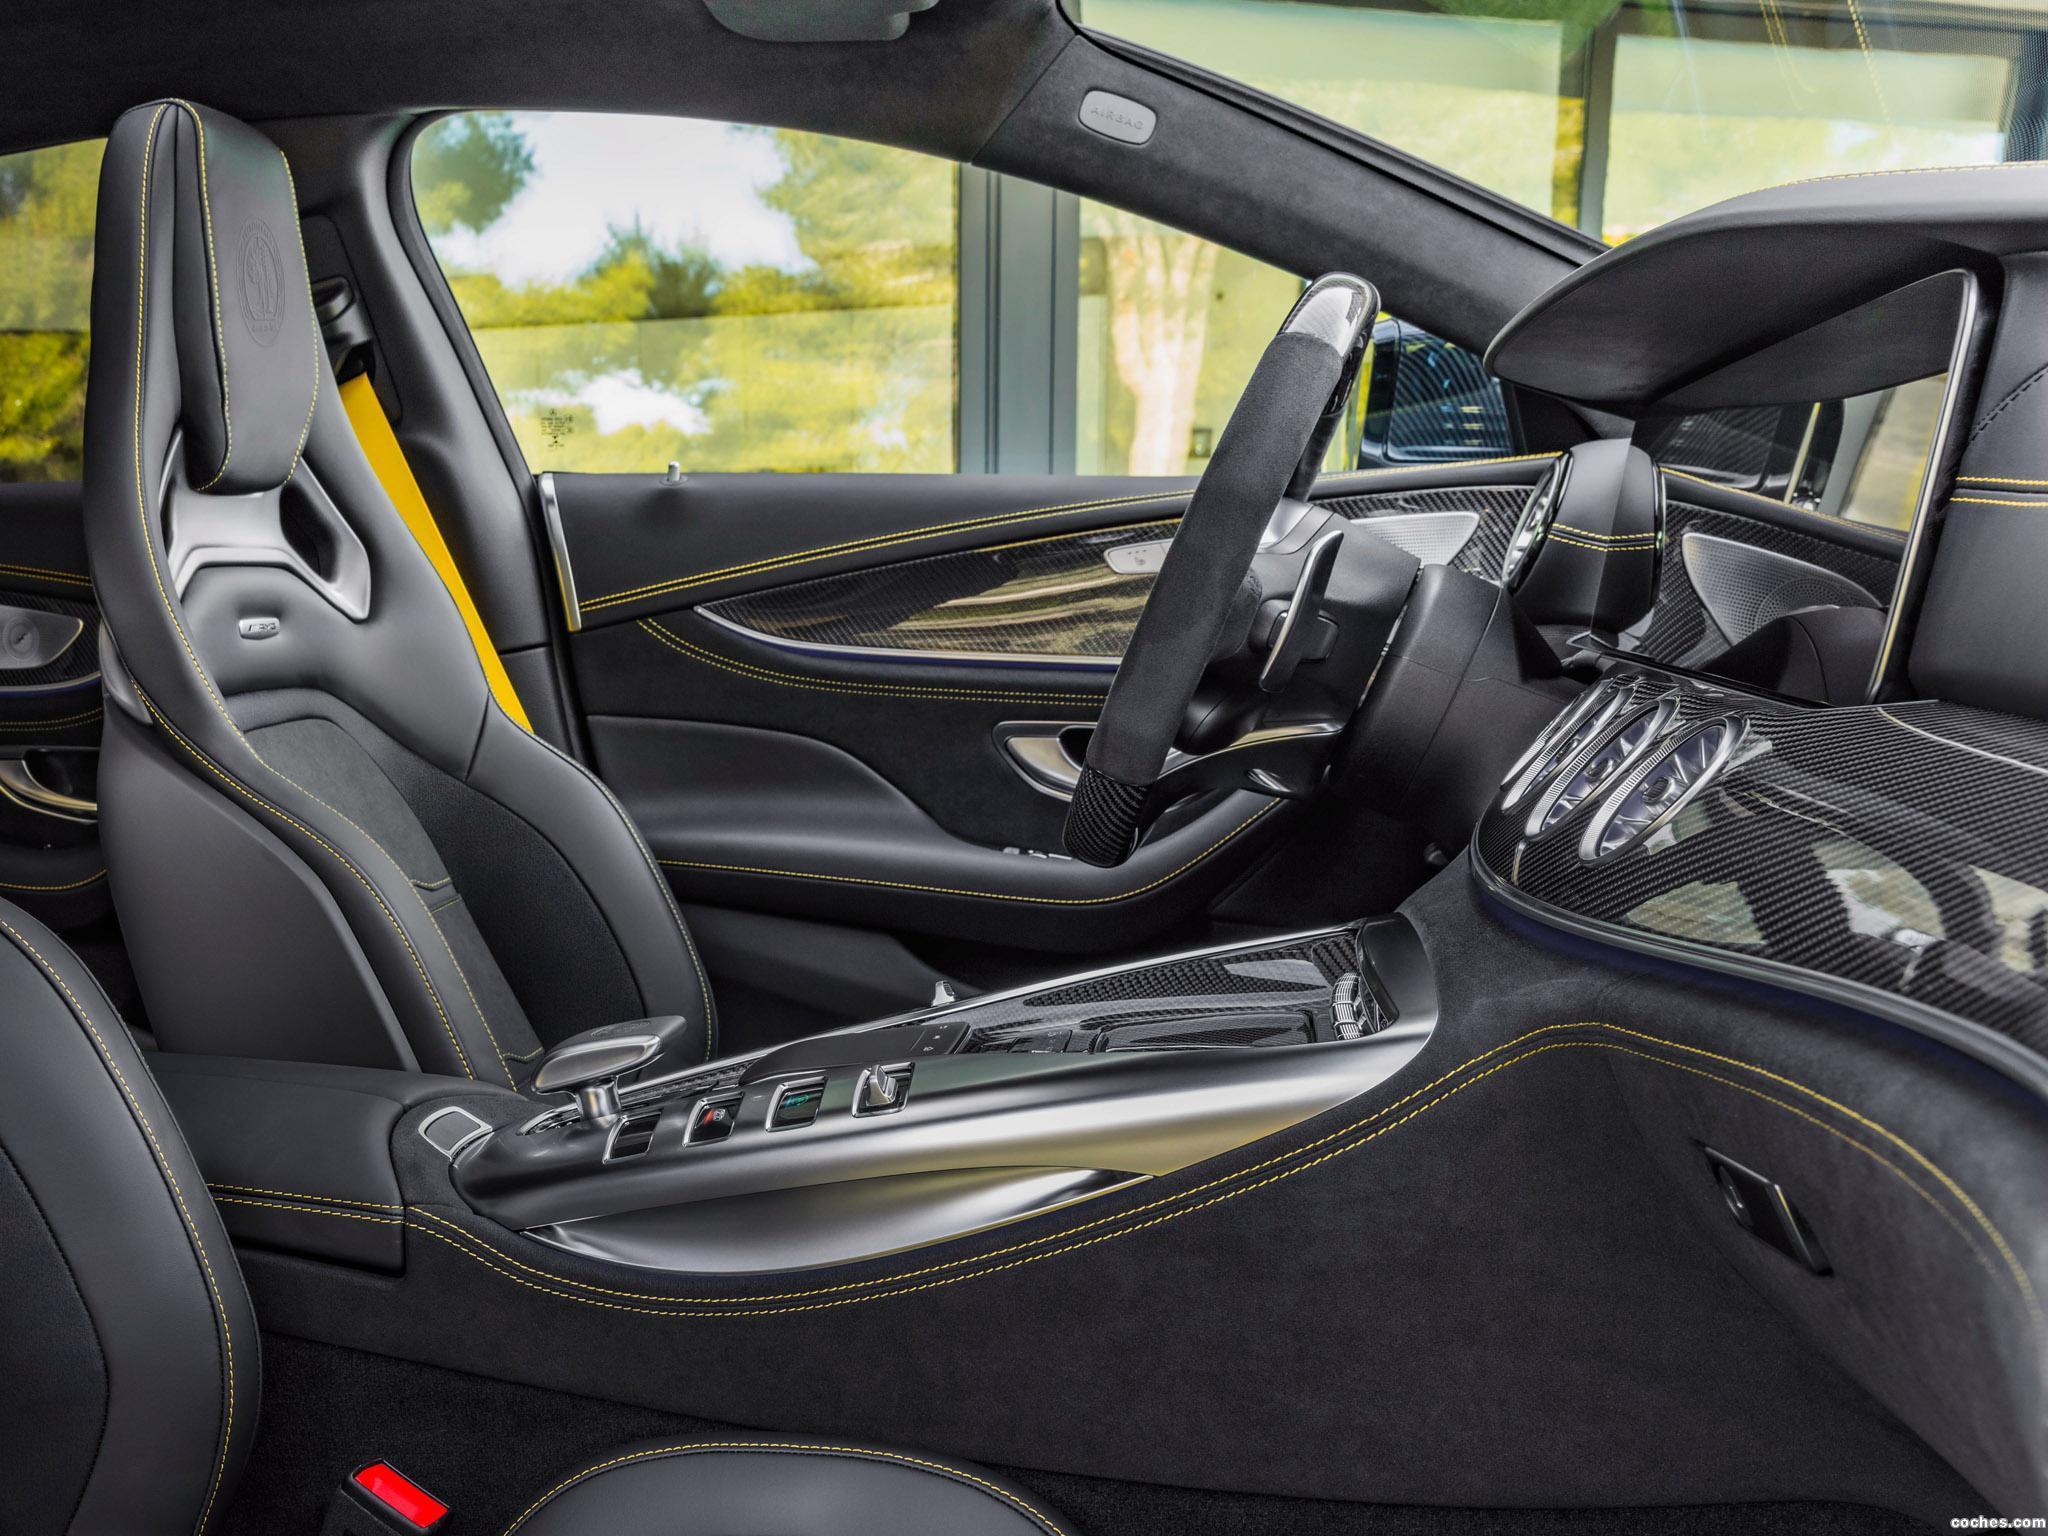 Foto 30 de Mercedes AMG GT 63 S 4MATIC 4 puertas Coupe 2018